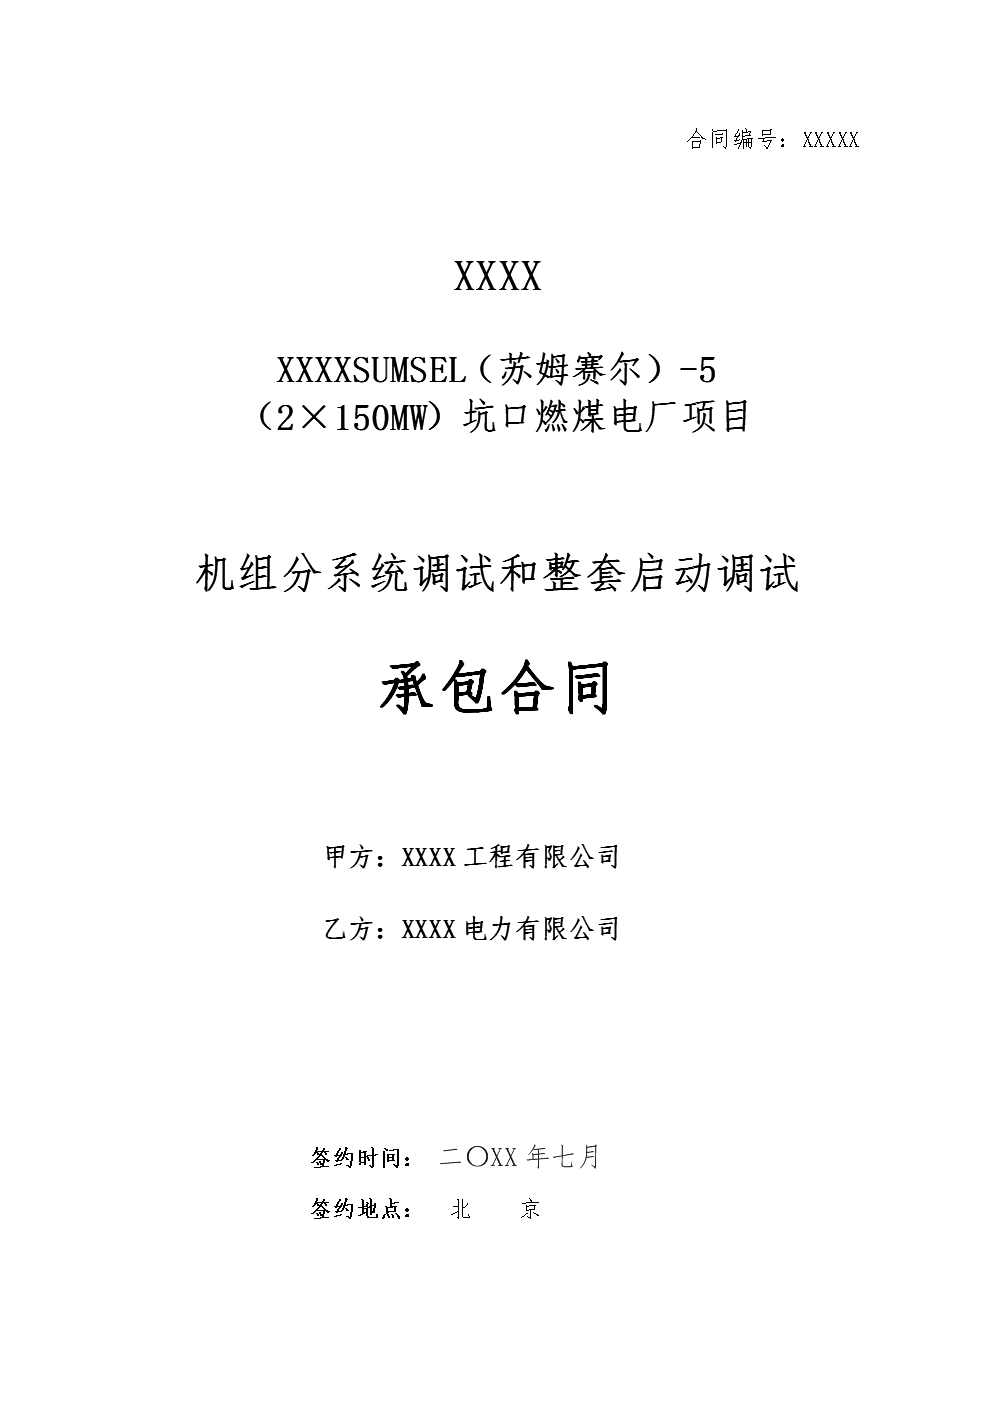 国外燃煤电厂项目设备机组分系统调试和整套启动调试承包合同.docx